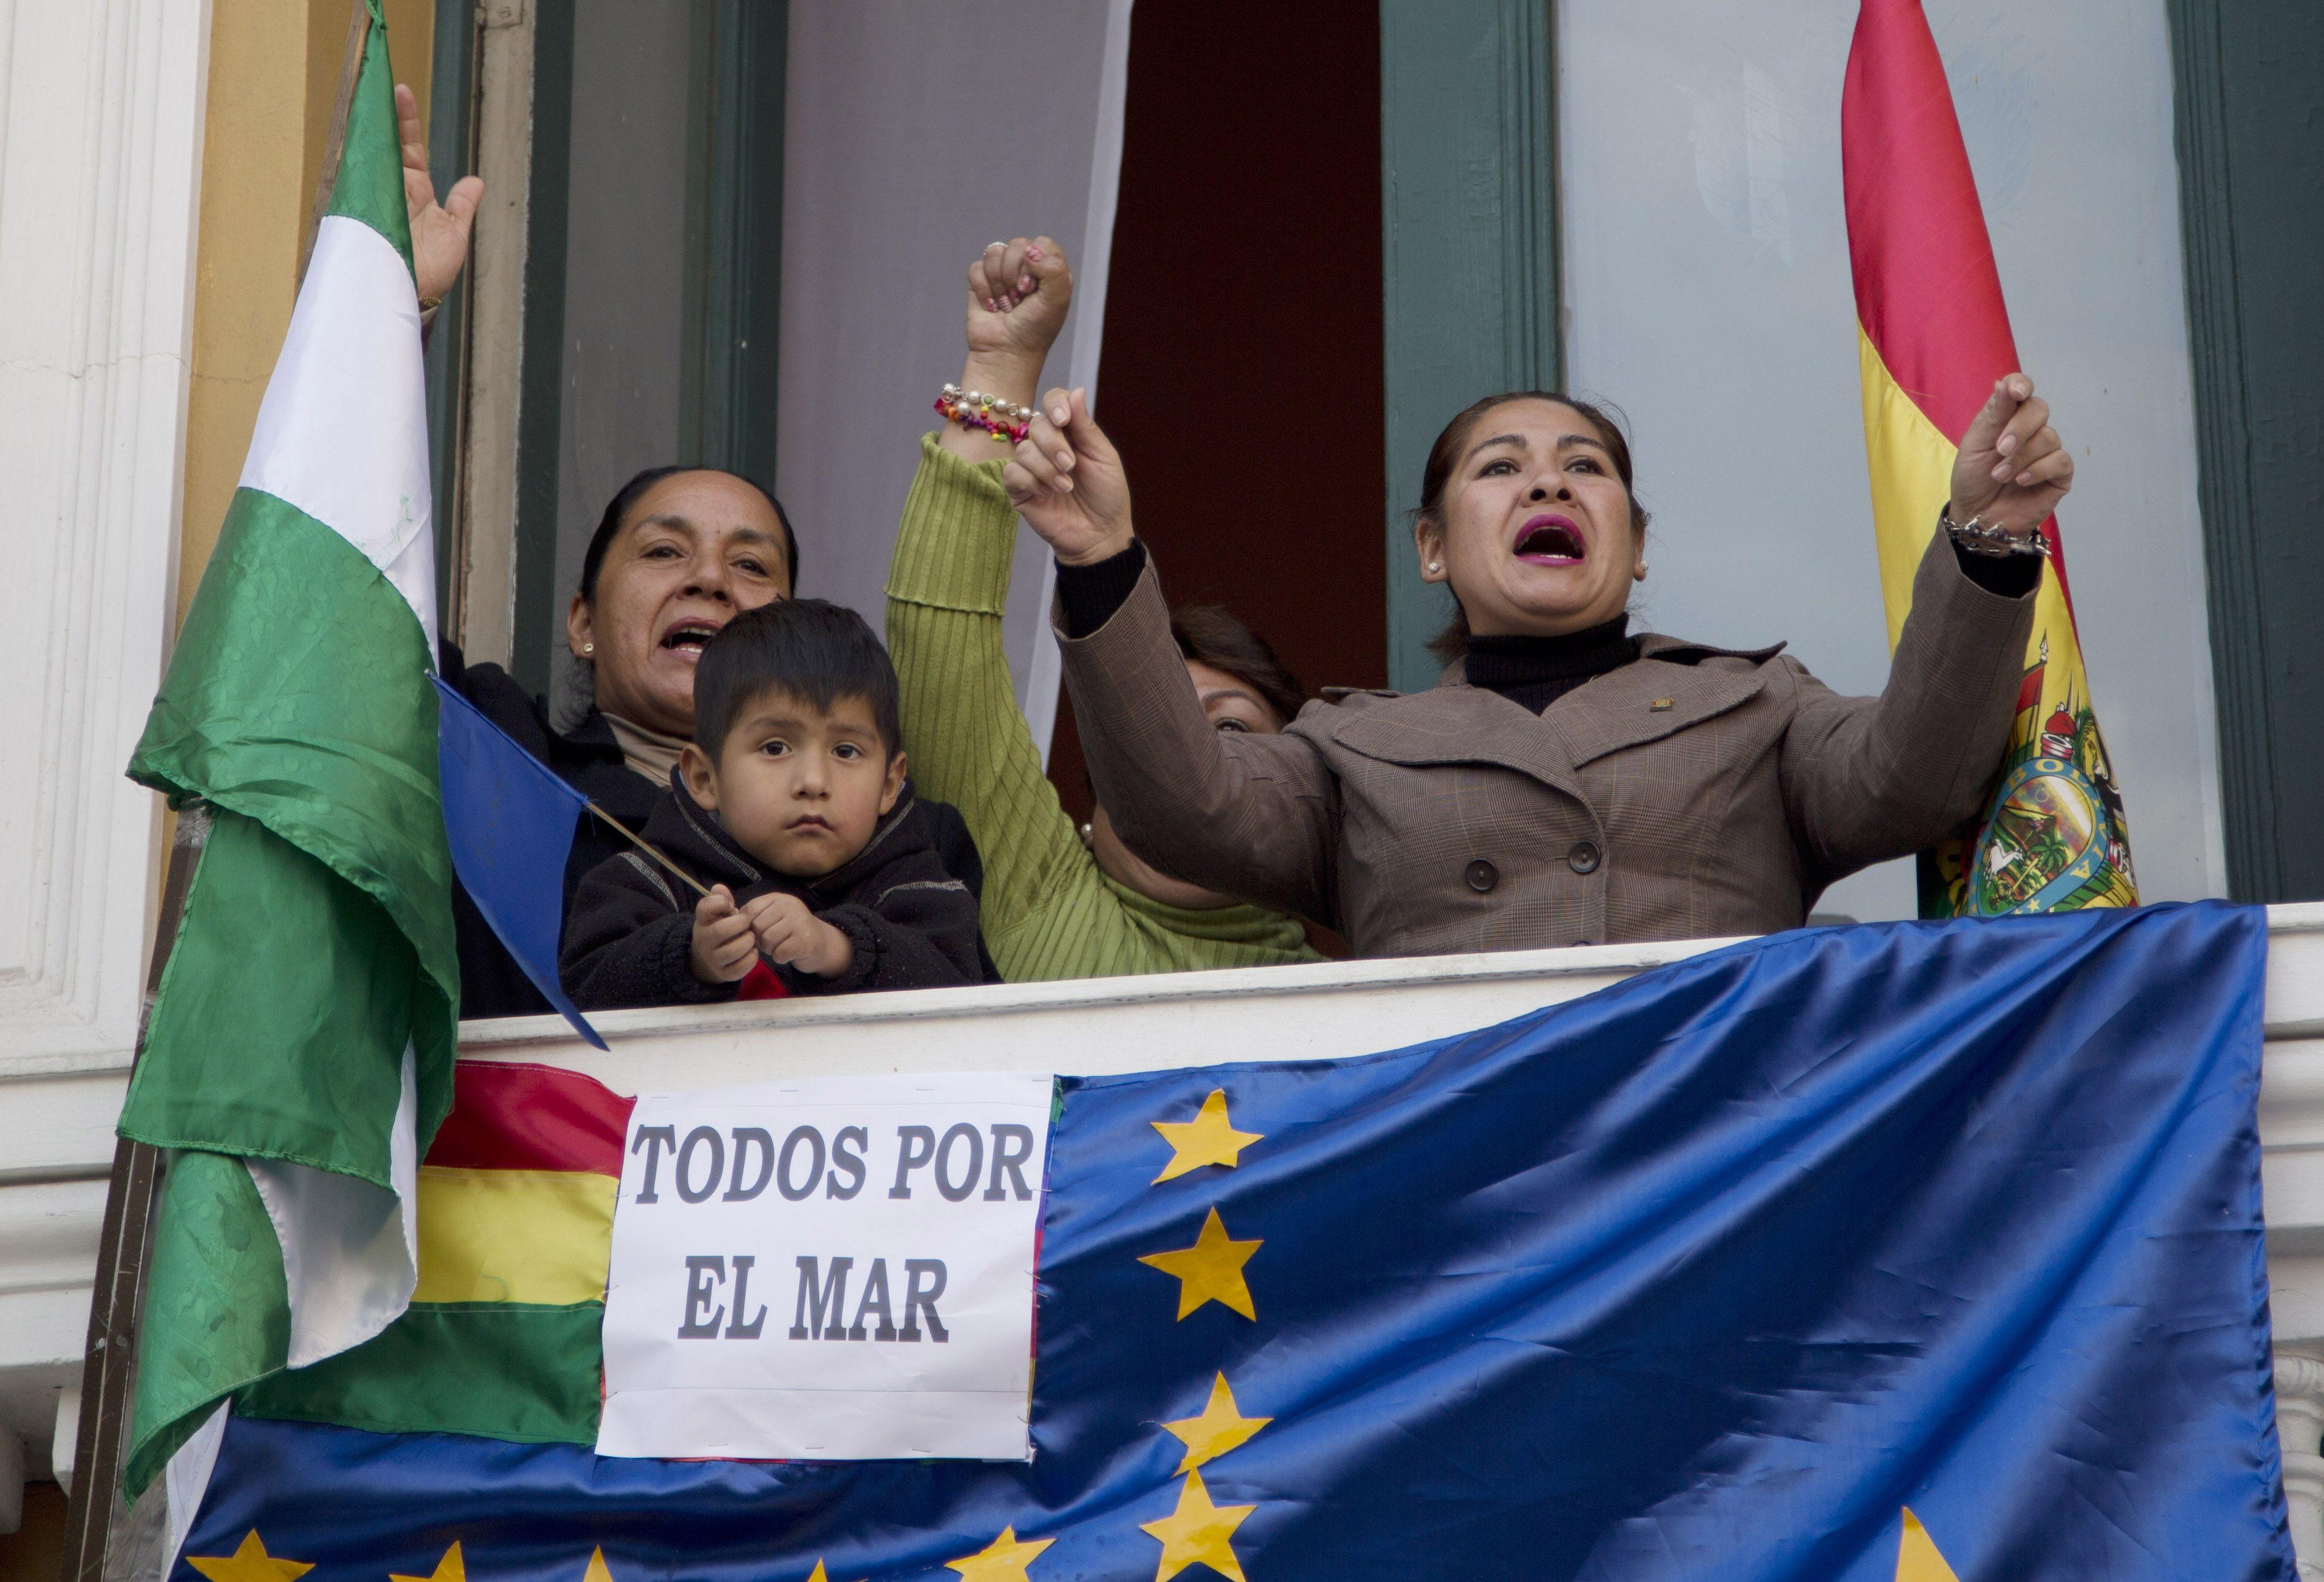 Los bolivianos se reunieron en las plazas para seguir en pantallas gigantes la transmisión del fallo.